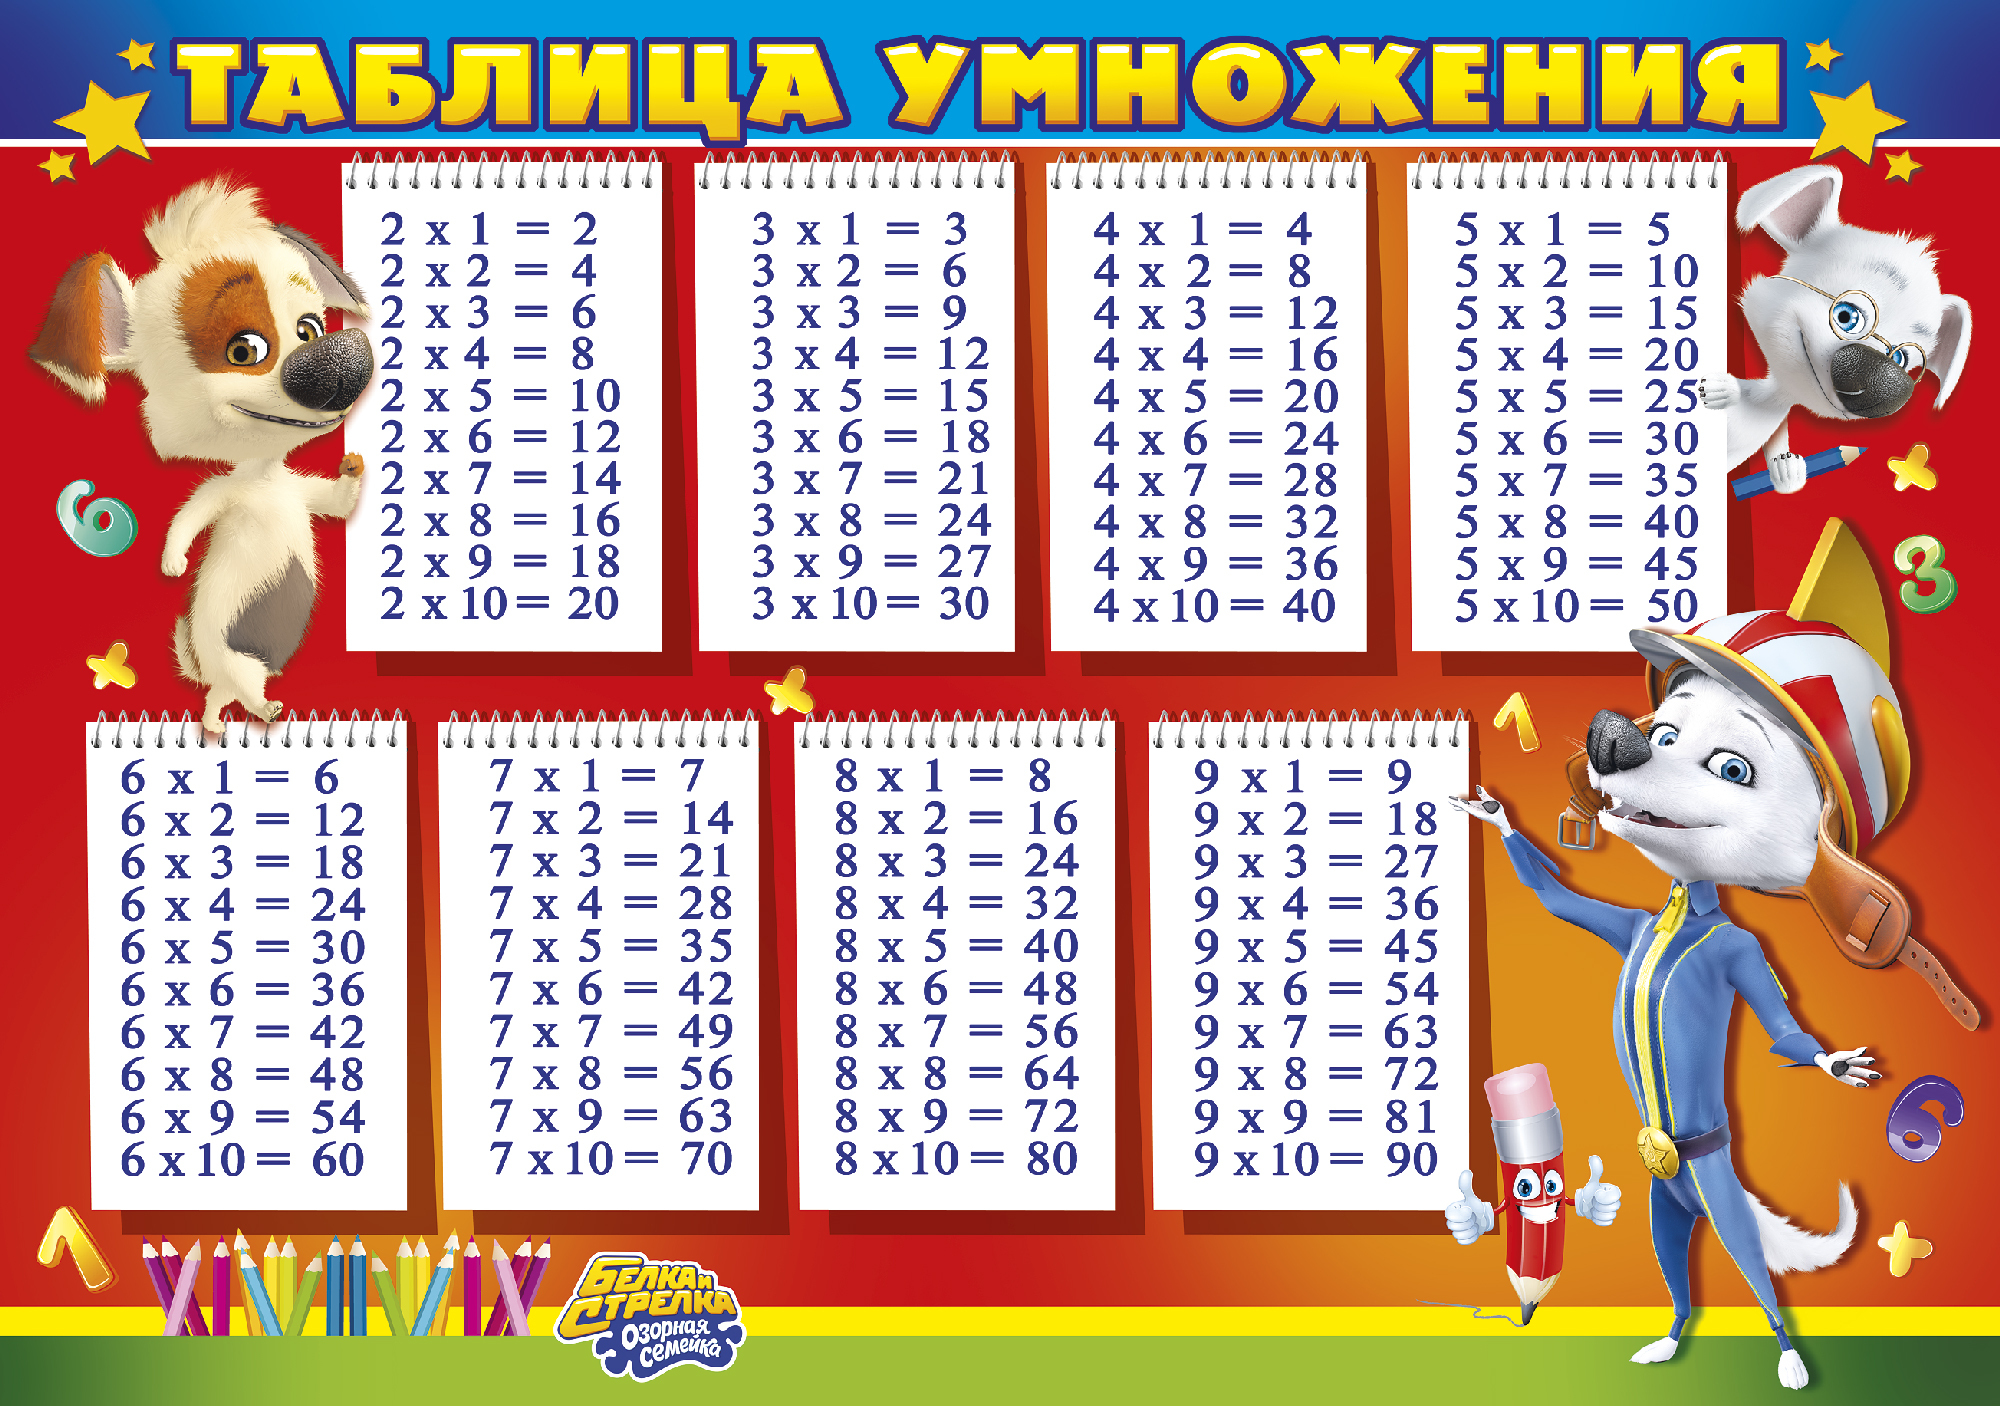 таблица умножения картинка распечатать шаблон